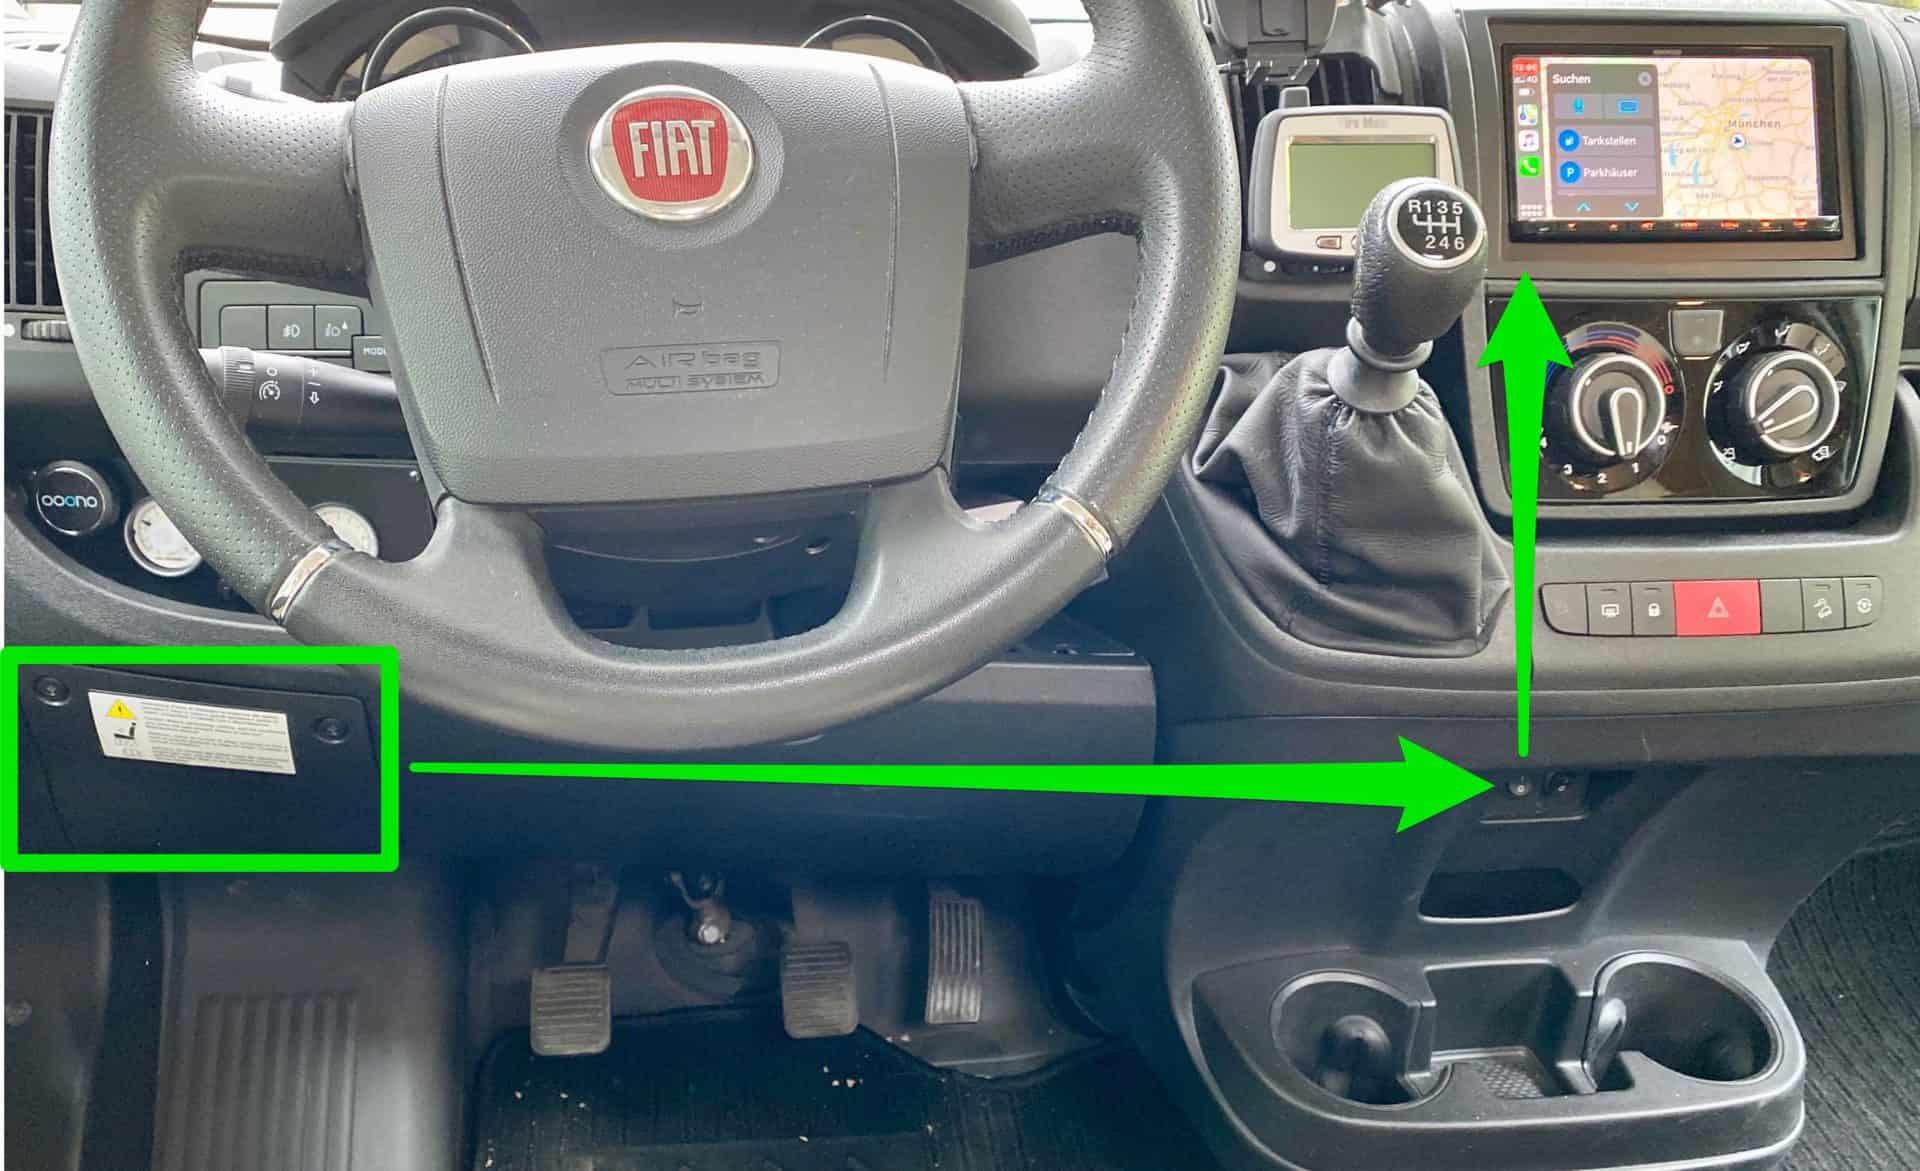 Dauerplus_Radio_Auto_Wohnmobil_Schalter_zum_Einbau_Kabel_vom_Sicherungskasten_zum_Radio_beschriftet